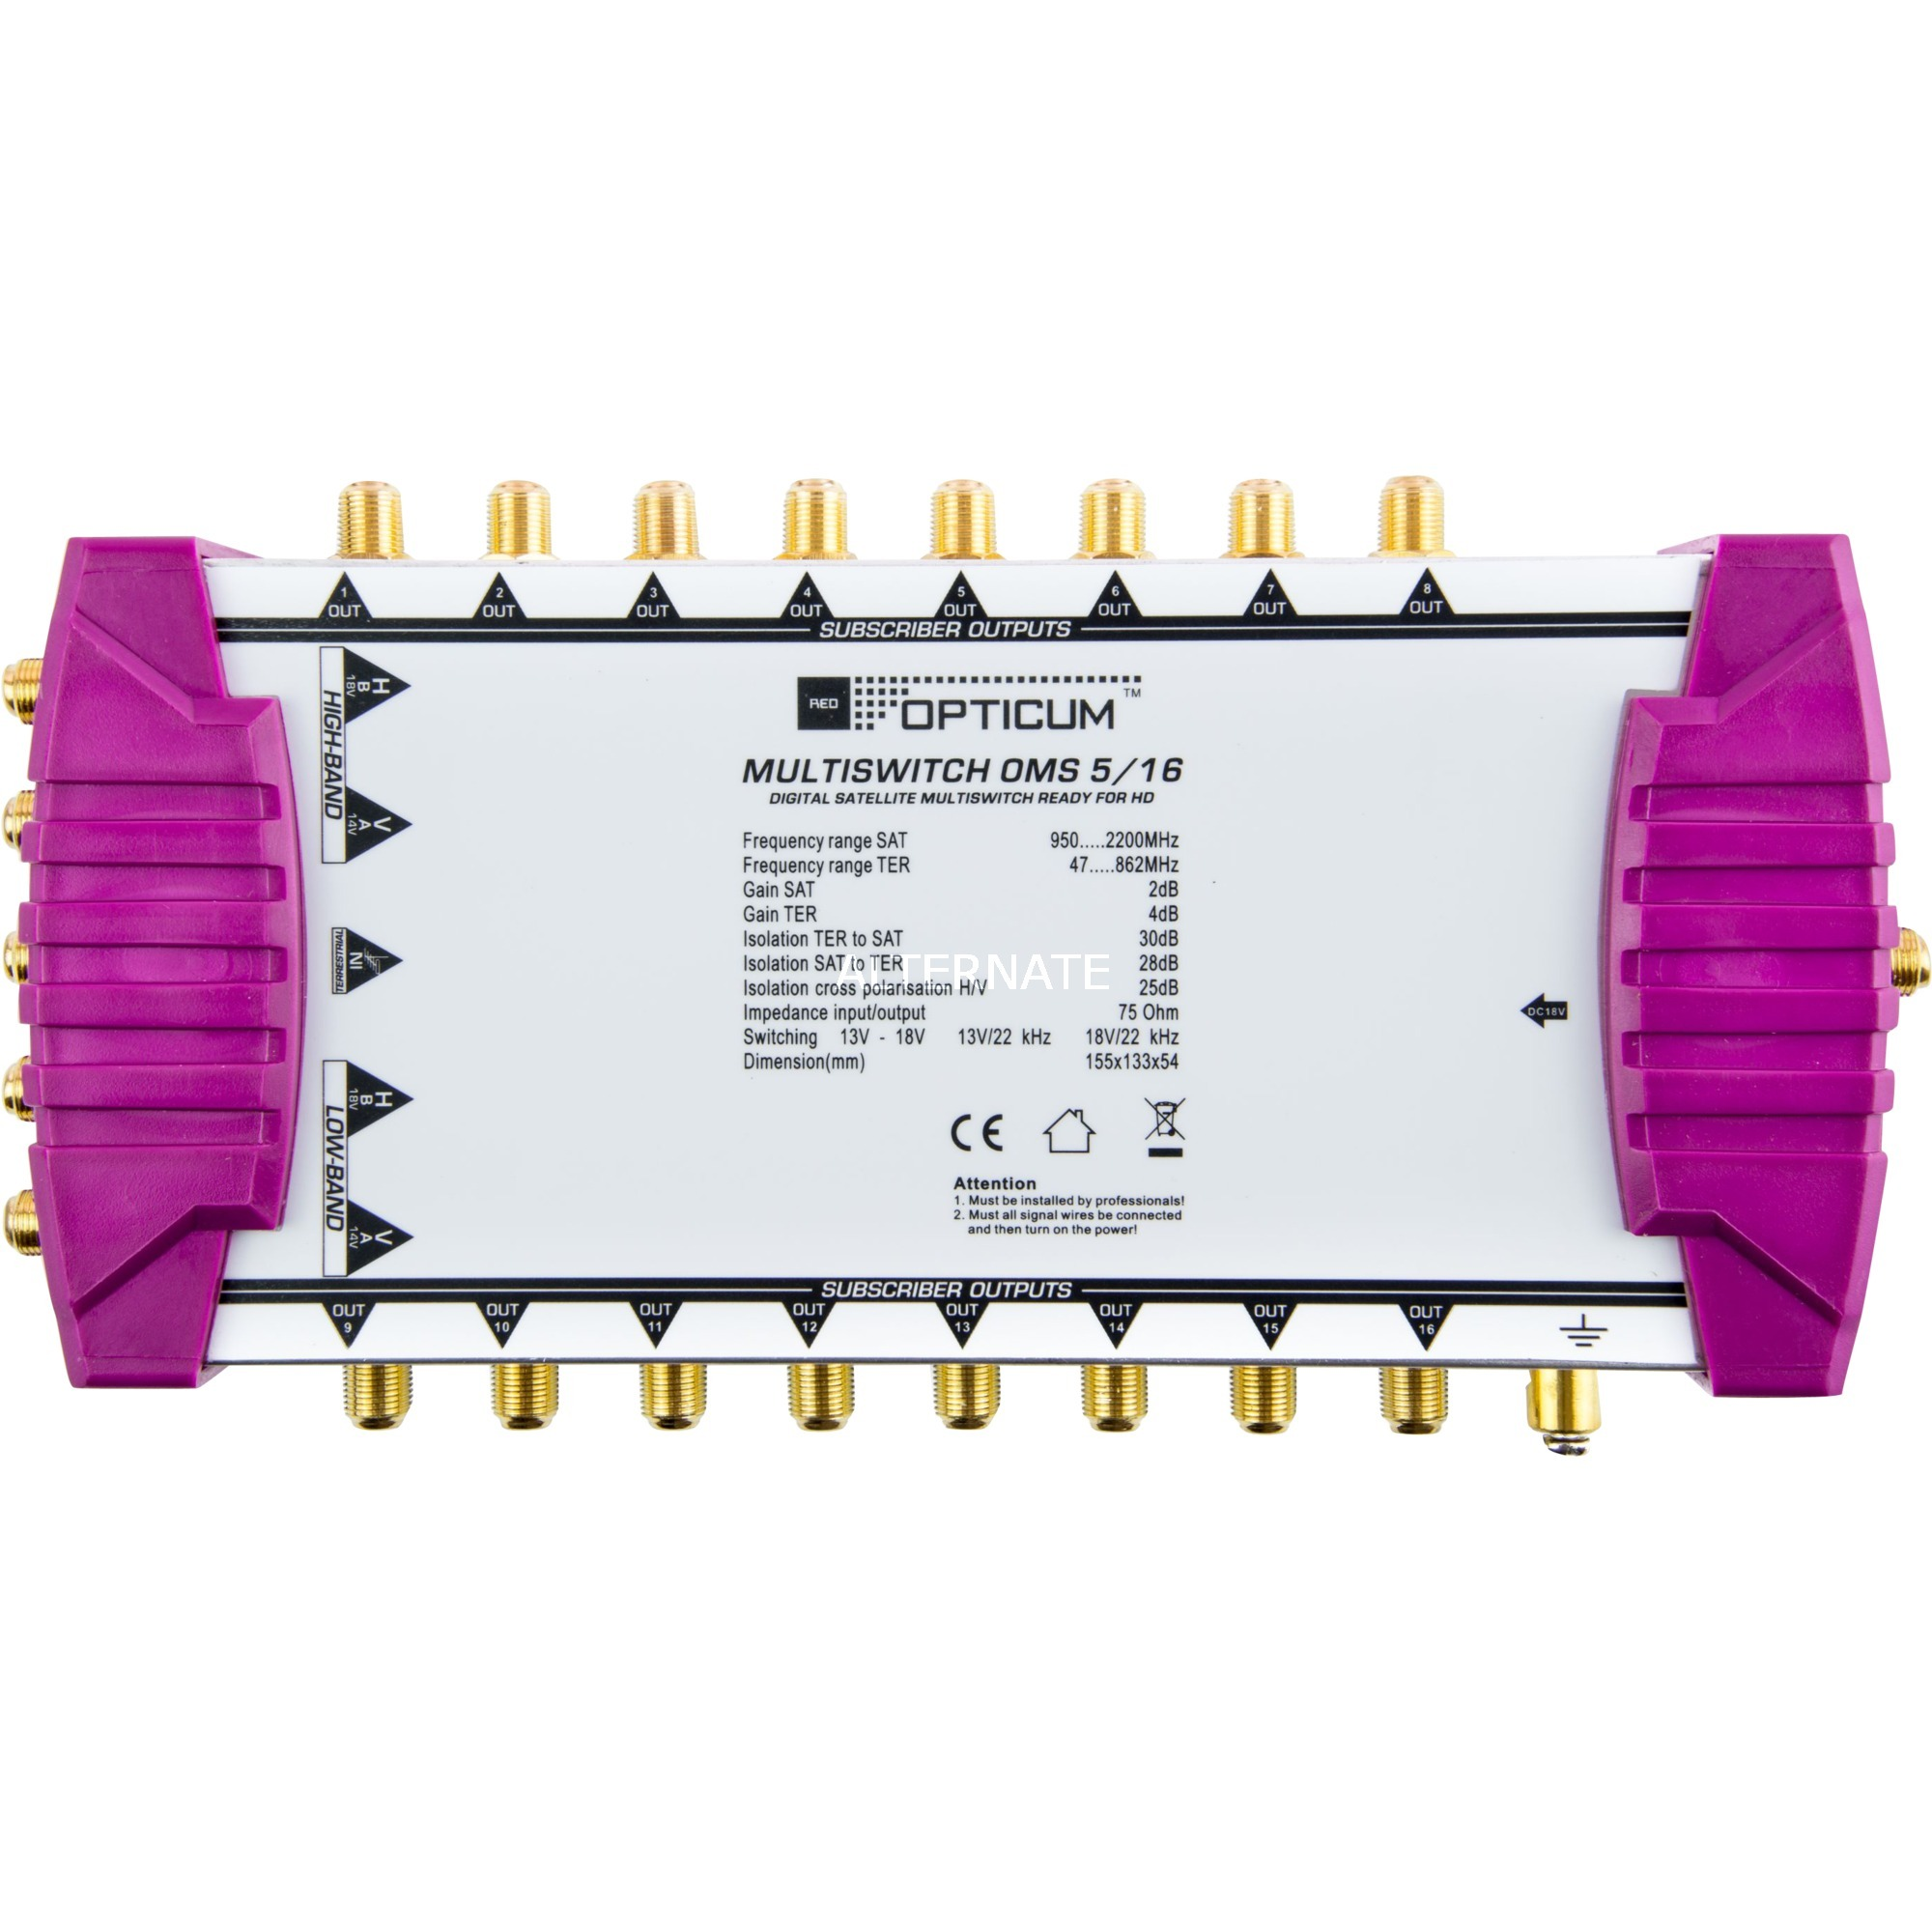 5901912282575, Interruptor múltiple